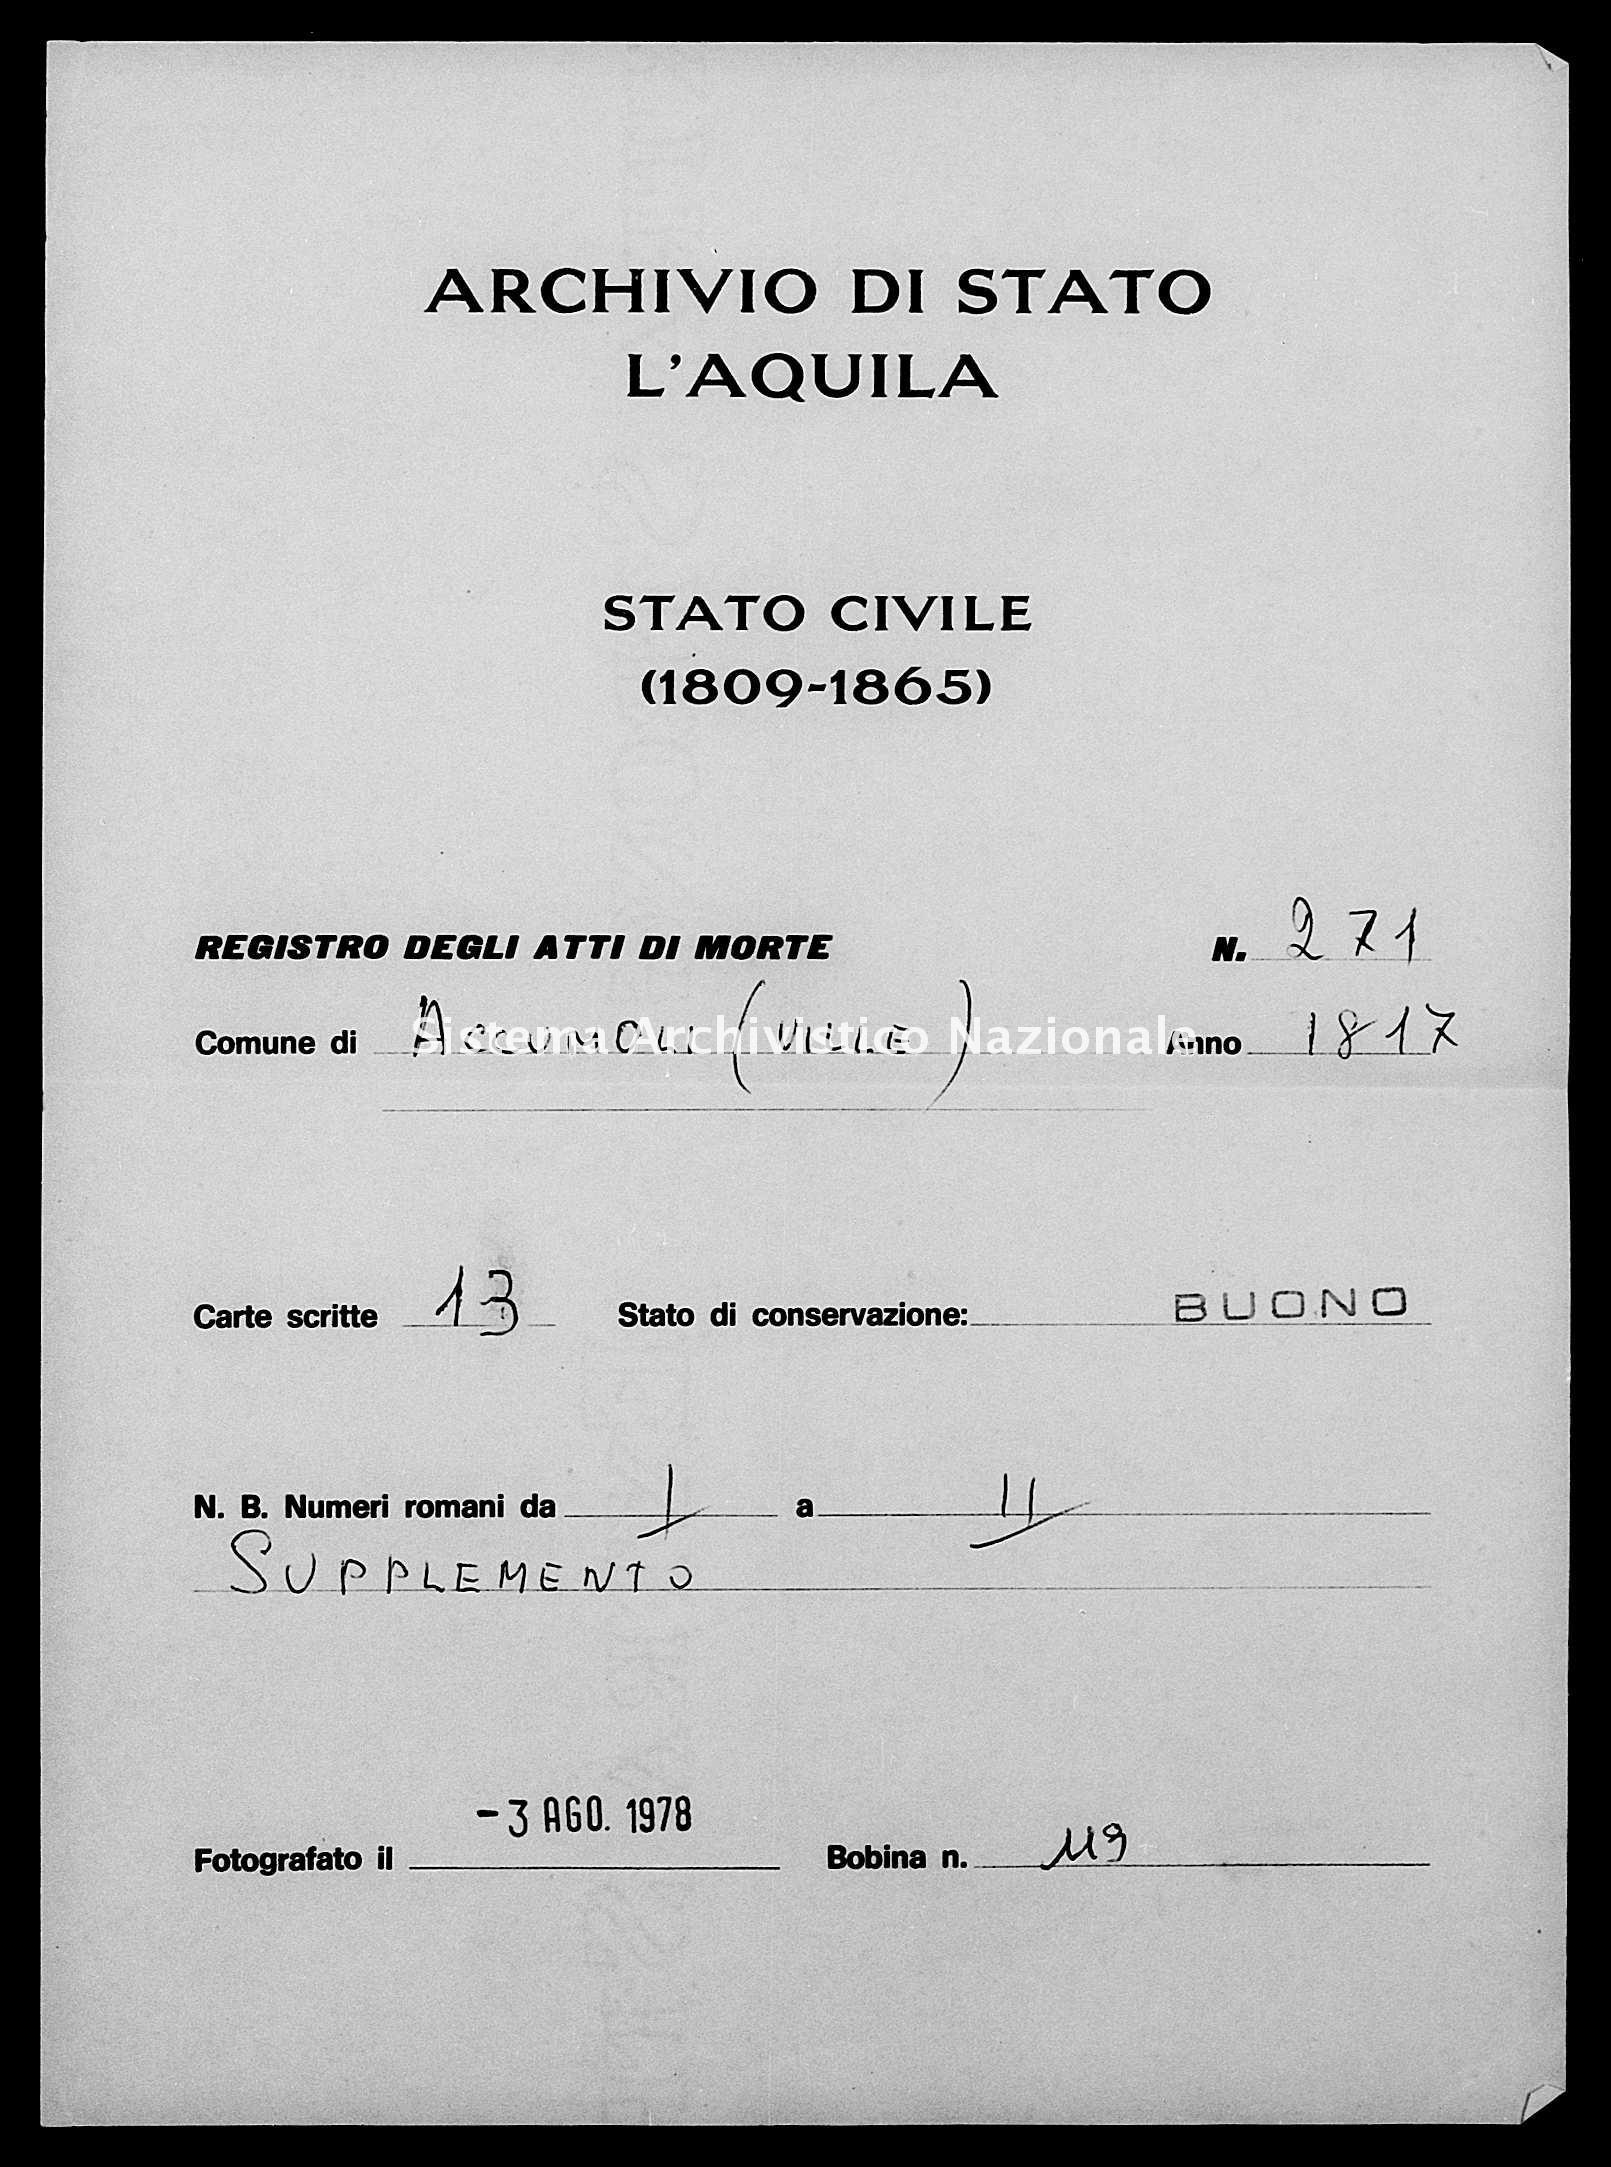 Archivio di stato di L'aquila - Stato civile della restaurazione - Accumoli - Morti - 04/01/1817-08/12/1817 - 271 -